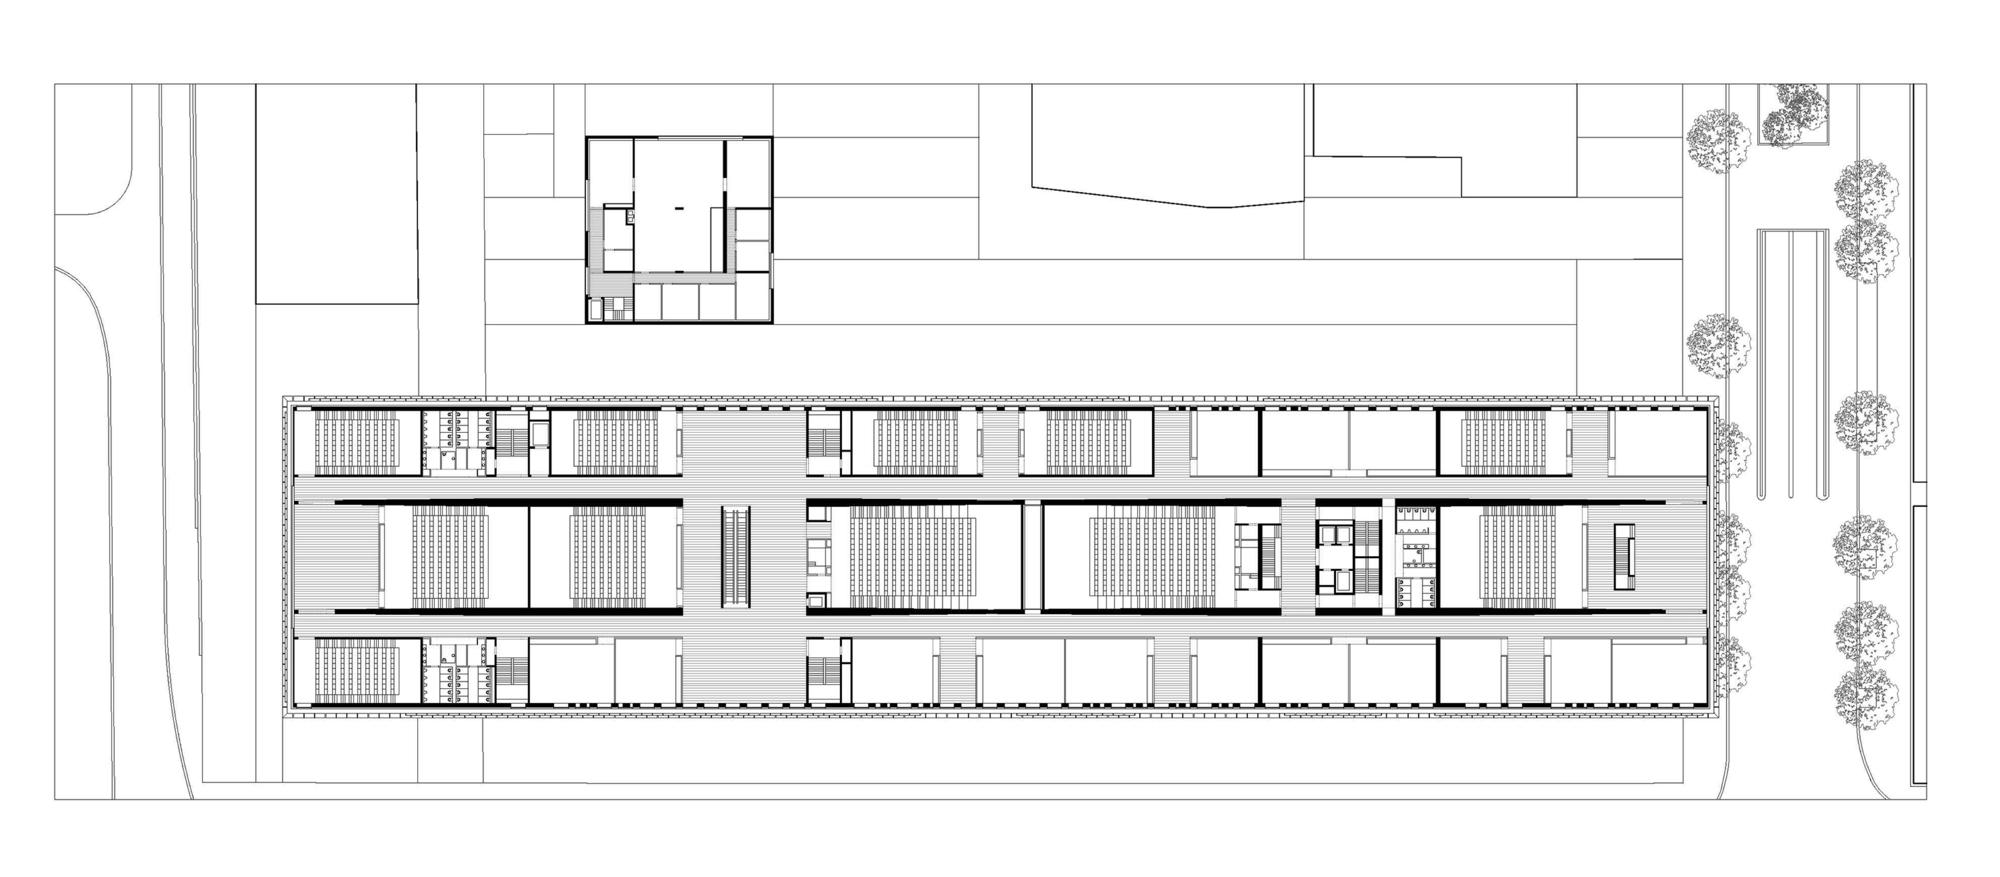 La Maison Du Savoir University Of Luxembourg Baumschlager Eberle Architekten Archdaily